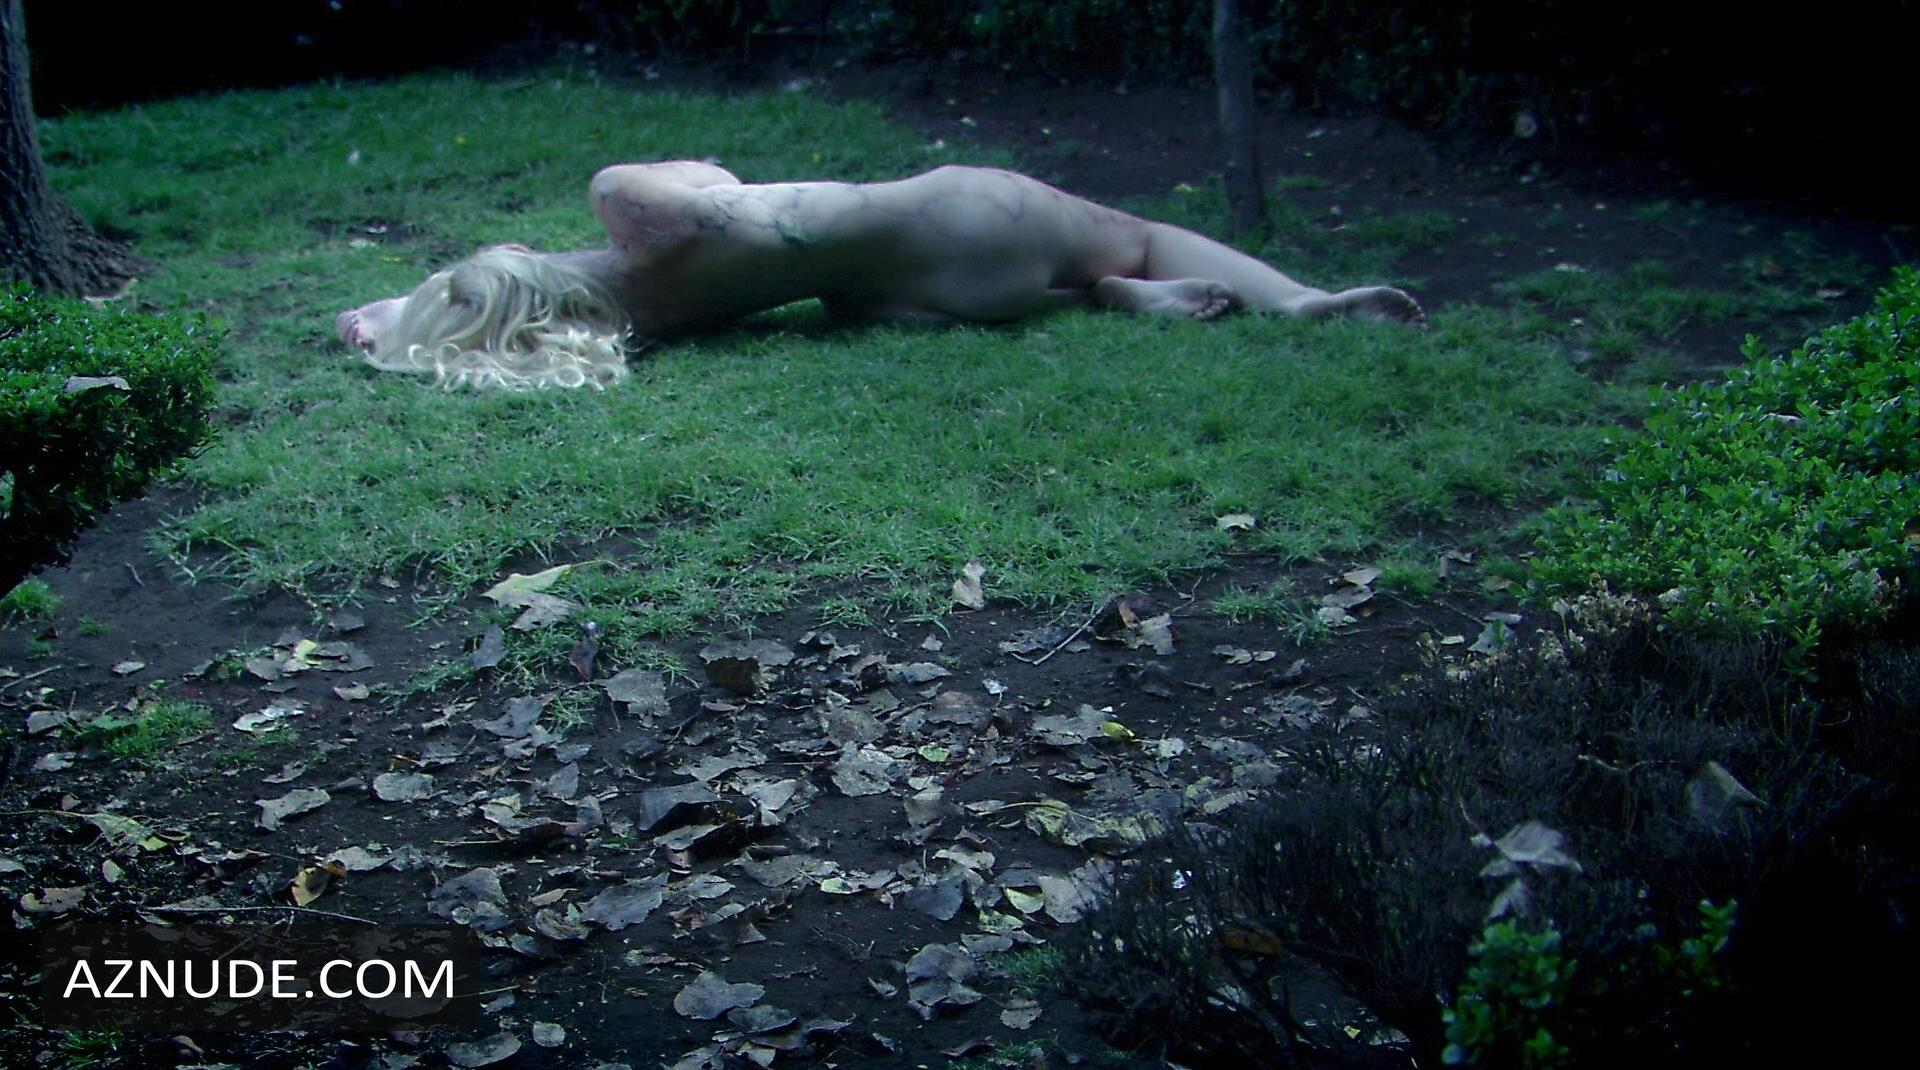 Natasha henstridge in species gifs best celebrity nude scenes